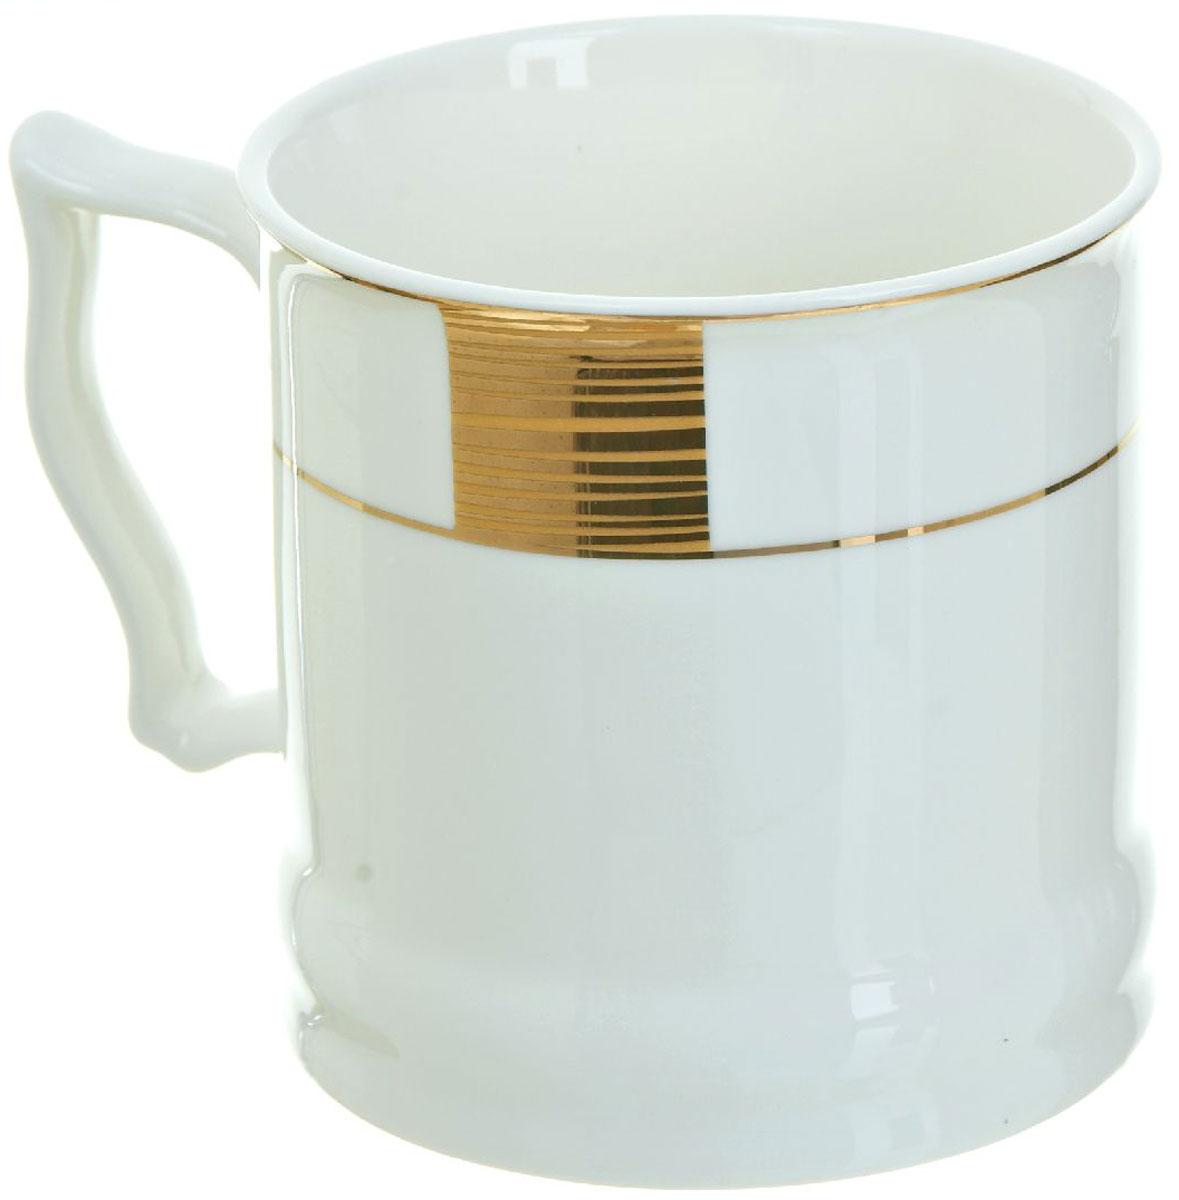 Кружка BHP Королевская кружка, 500 мл. 1870010115610Оригинальная кружка Best Home Porcelain, выполненная из высококачественного фарфора, сочетает в себе простой, утонченный дизайн с максимальной функциональностью. Оригинальность оформления придутся по вкусу тем, кто ценит индивидуальность.Можно использовать в посудомоечной машине.